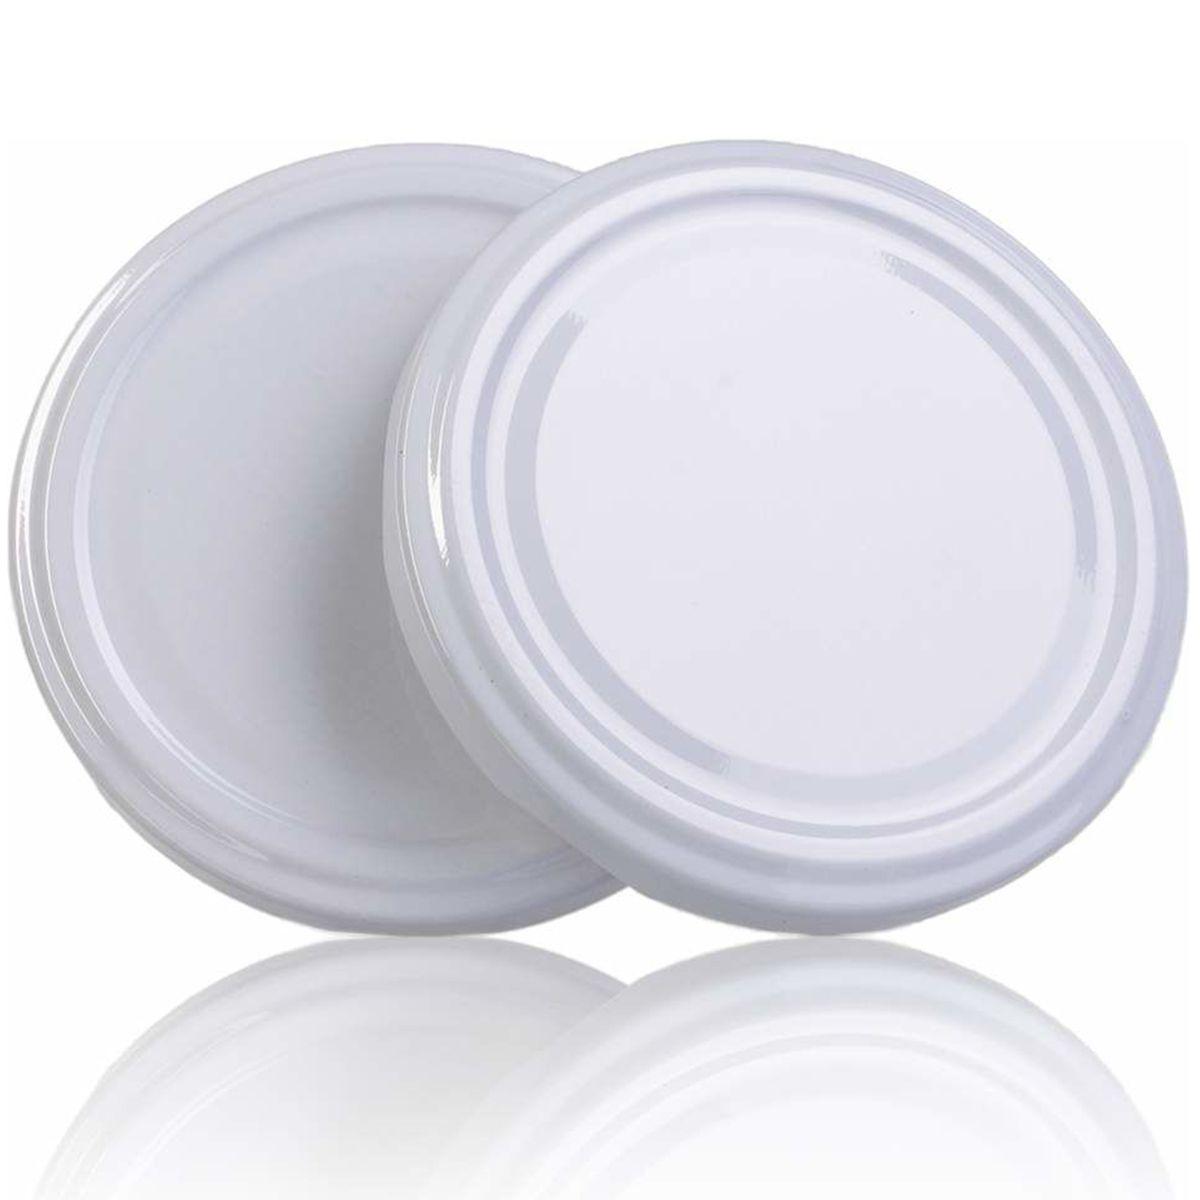 24 Potes De Vidro Sextavado 230 Ml Com Tampa Branca + Lacre  - EMPÓRIO PACK